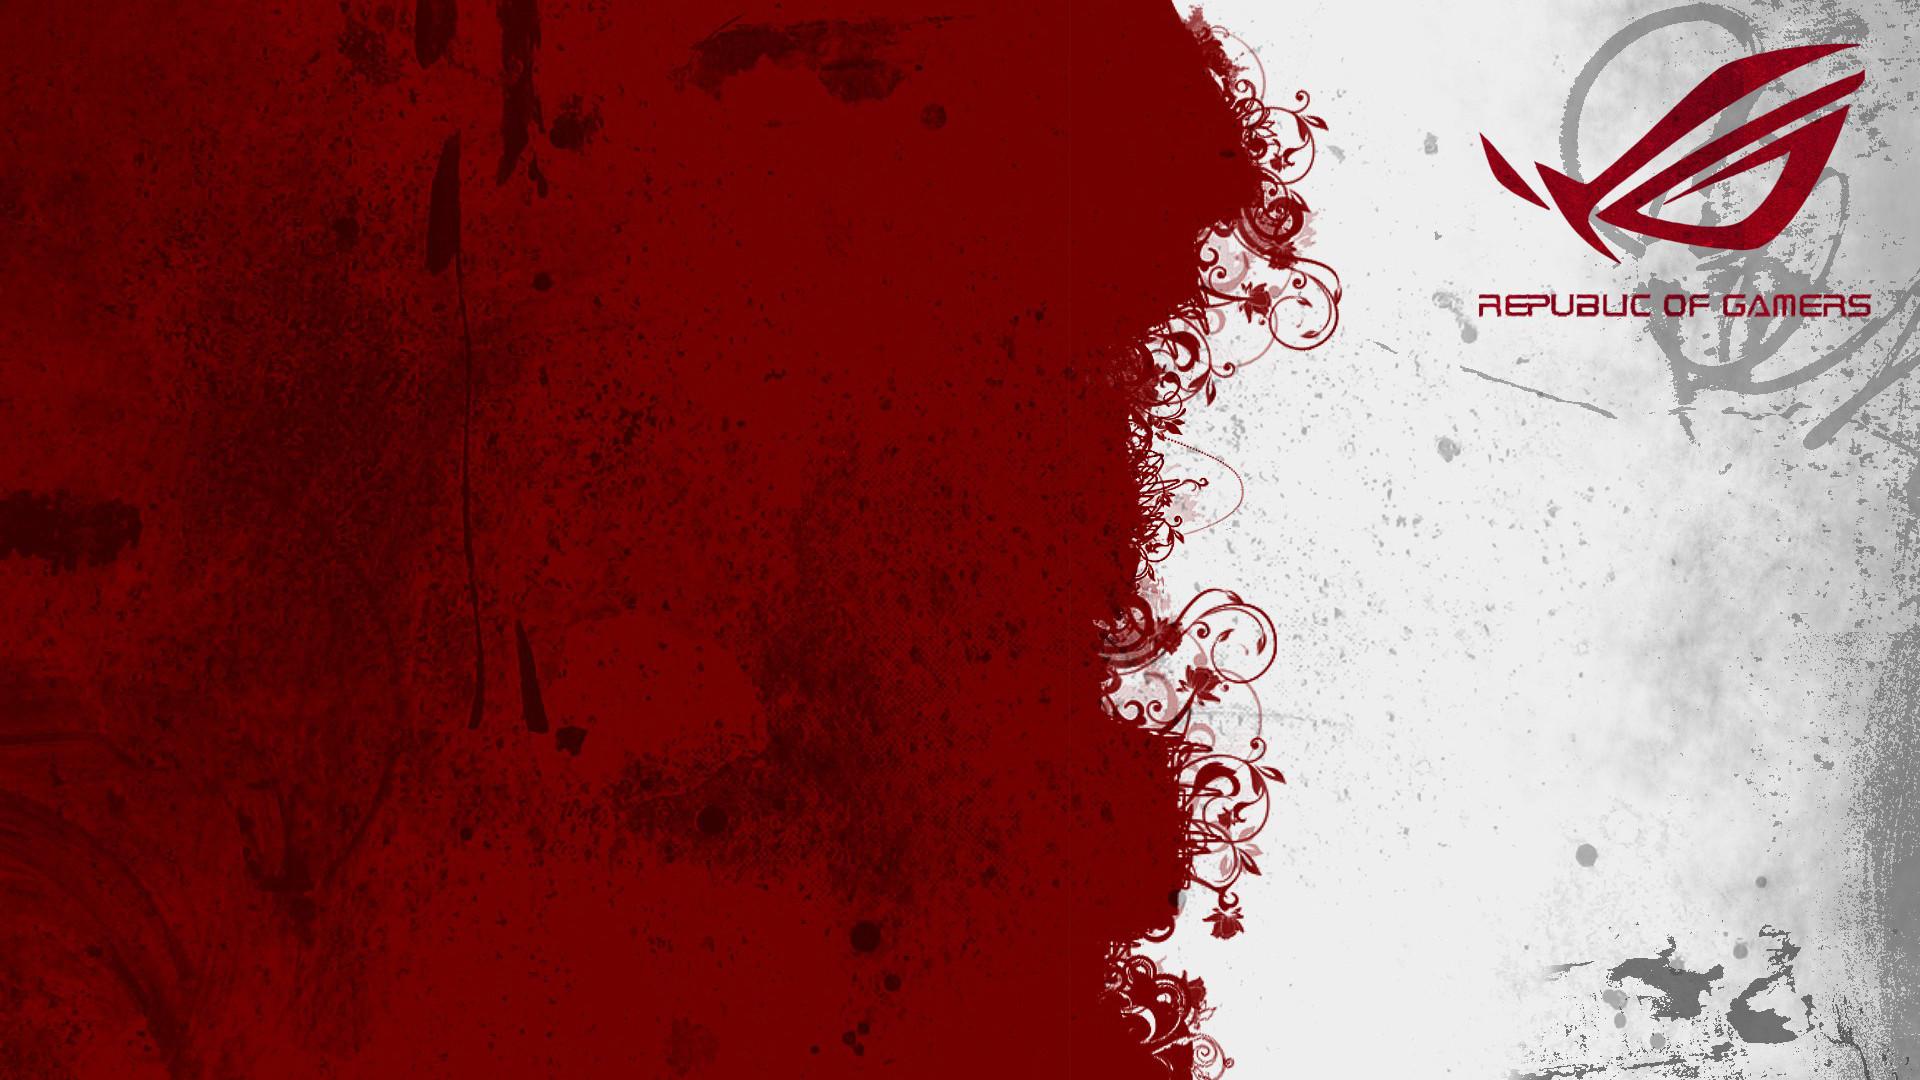 ASUS ROG Wallpaper – WallpaperSafari